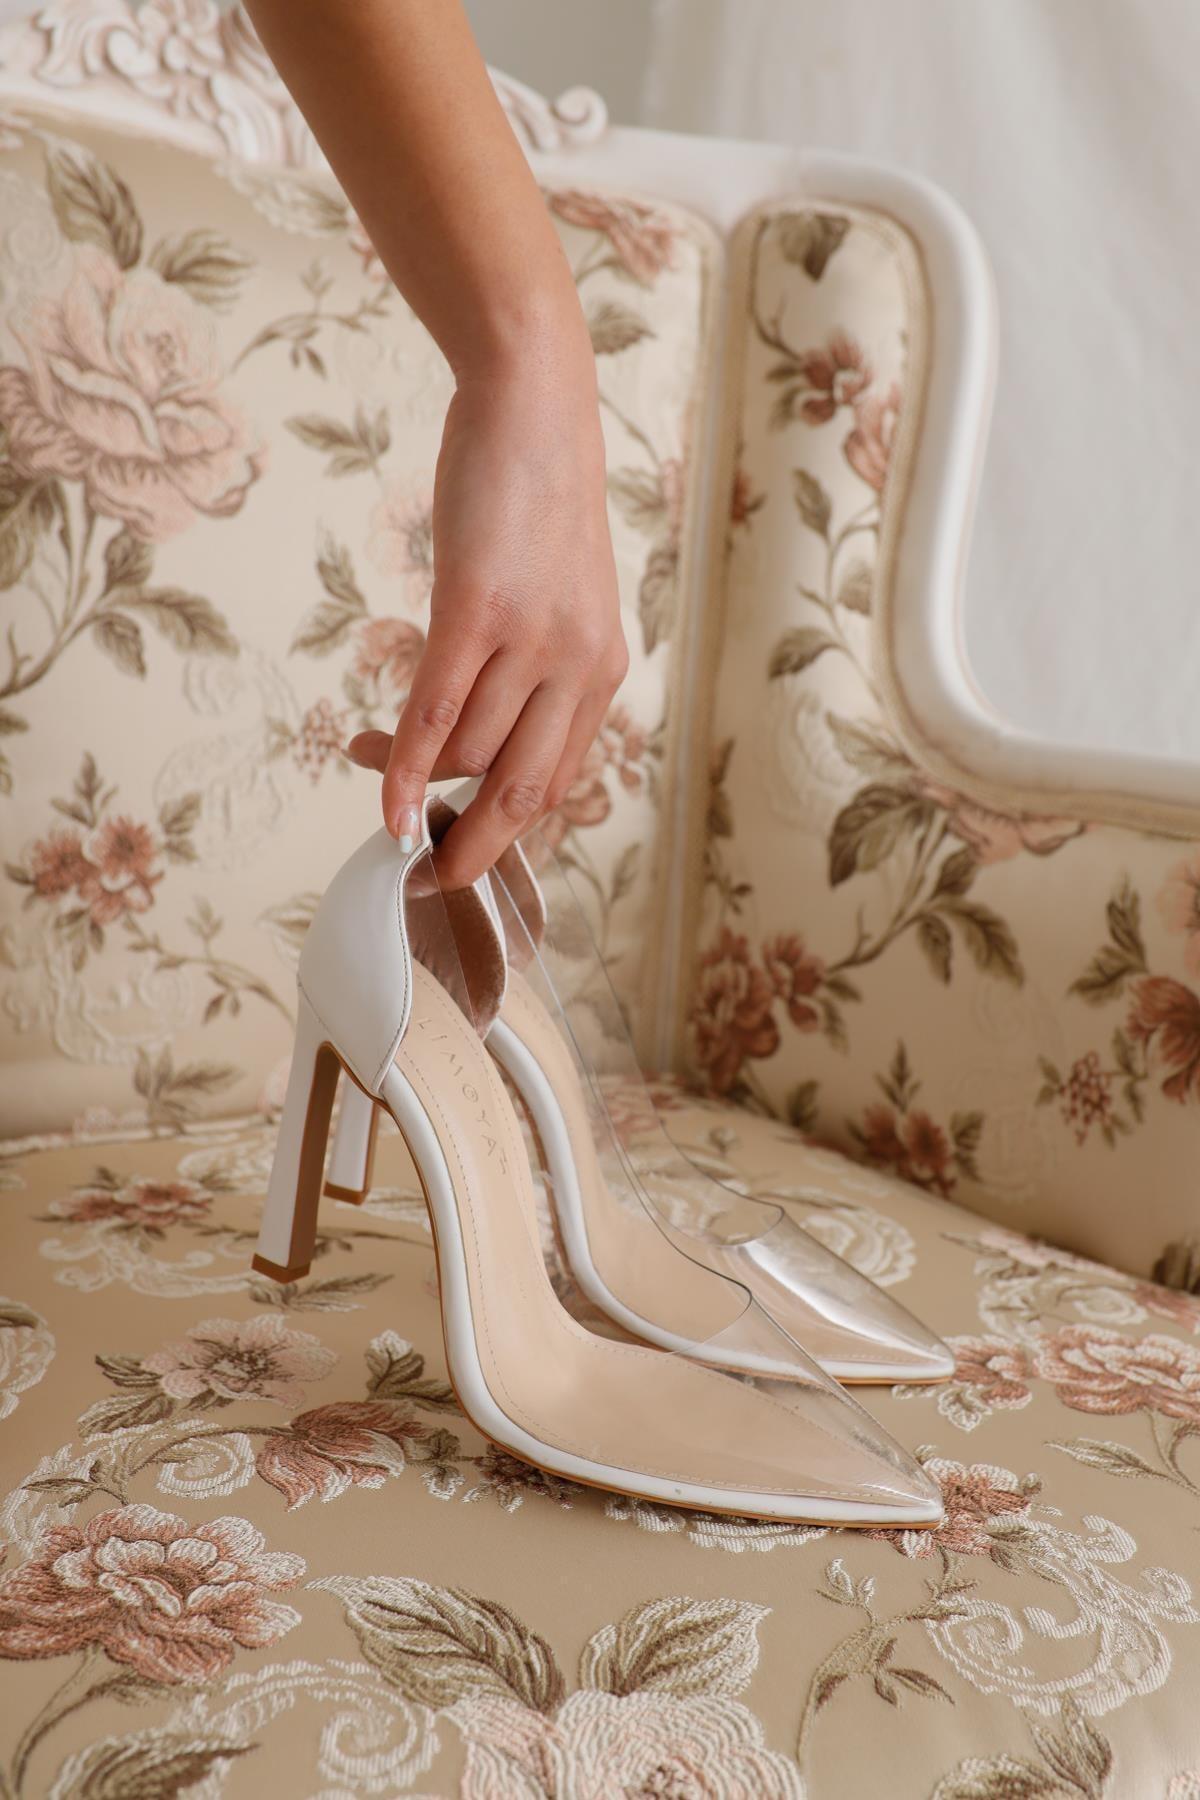 Limoya Laurel Beyaz Şeffaf Ince Topuklu Sivri Burunlu Stiletto 2